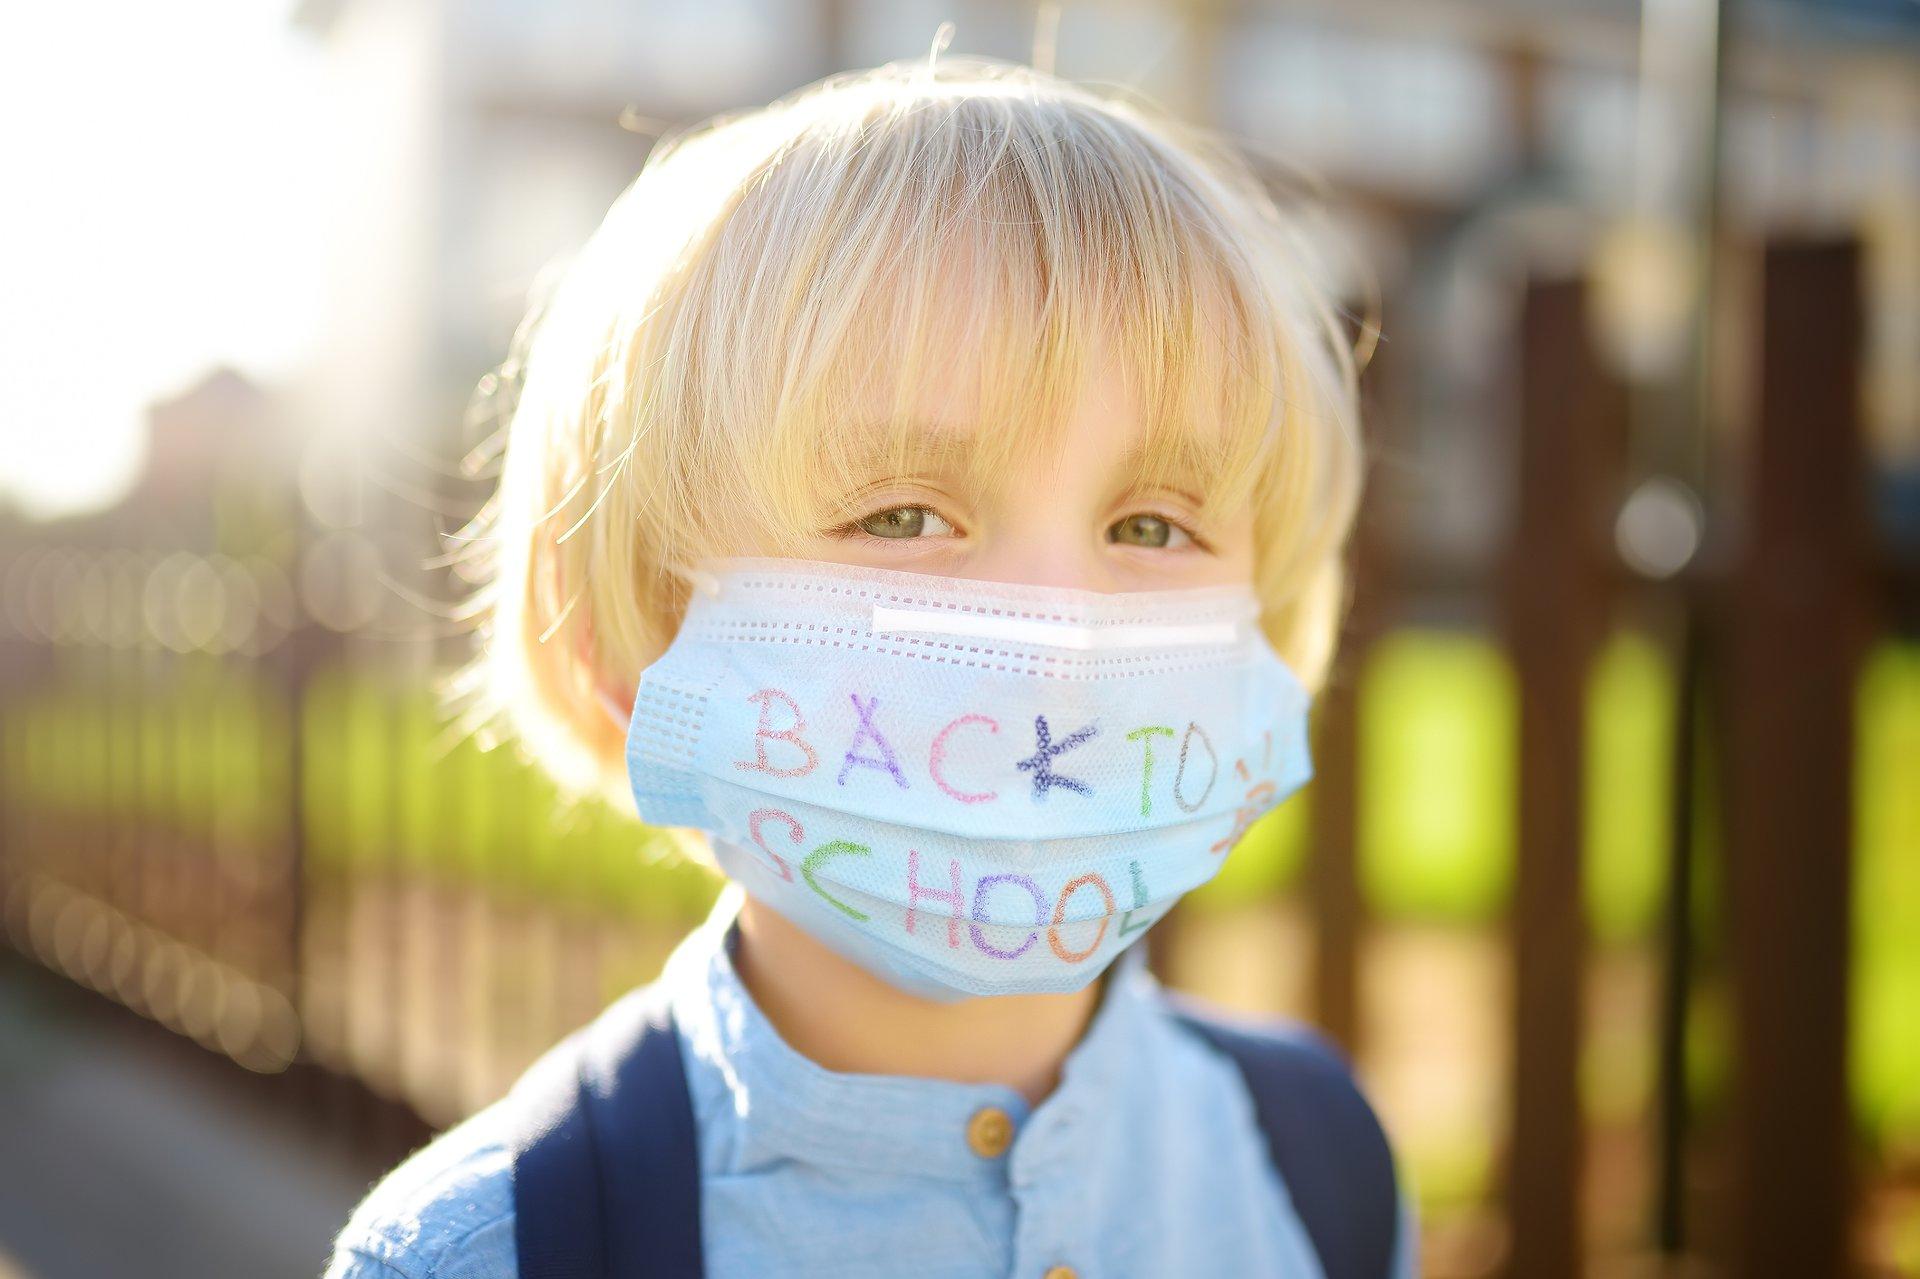 Bezpieczeństwo epidemiczne w sklepach i szkołach. Liczne skargi do RPO